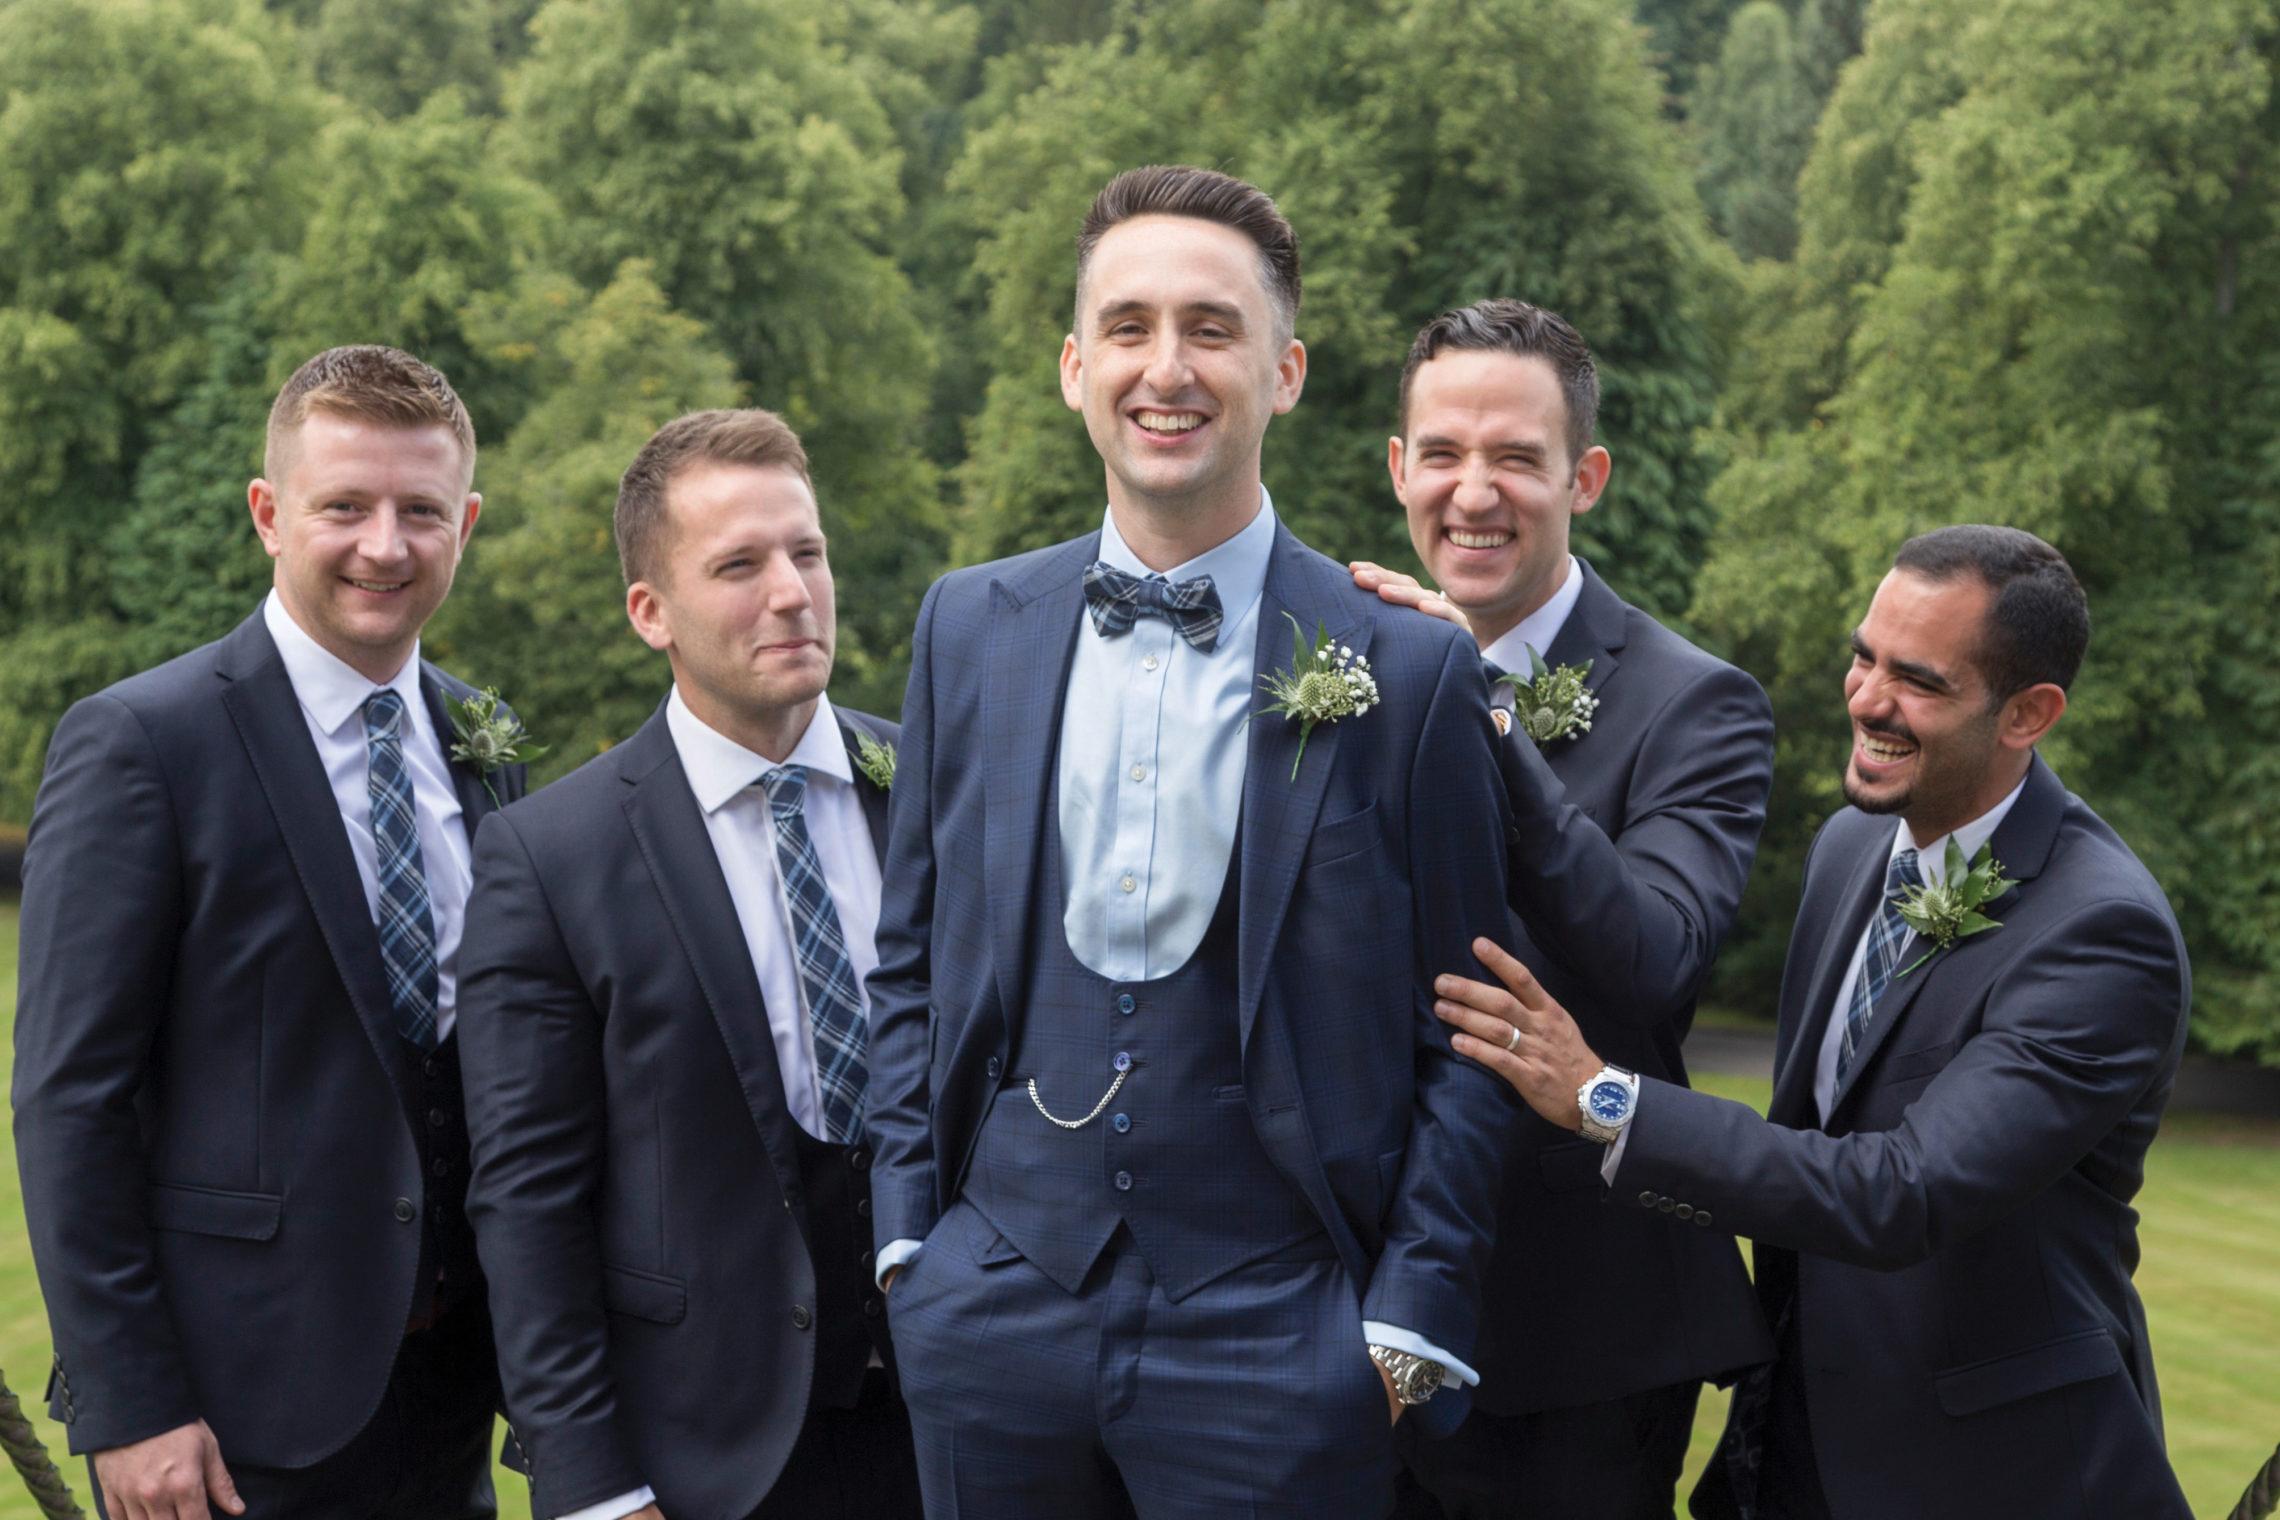 groom-and-groomsmen-in-navy-kilts